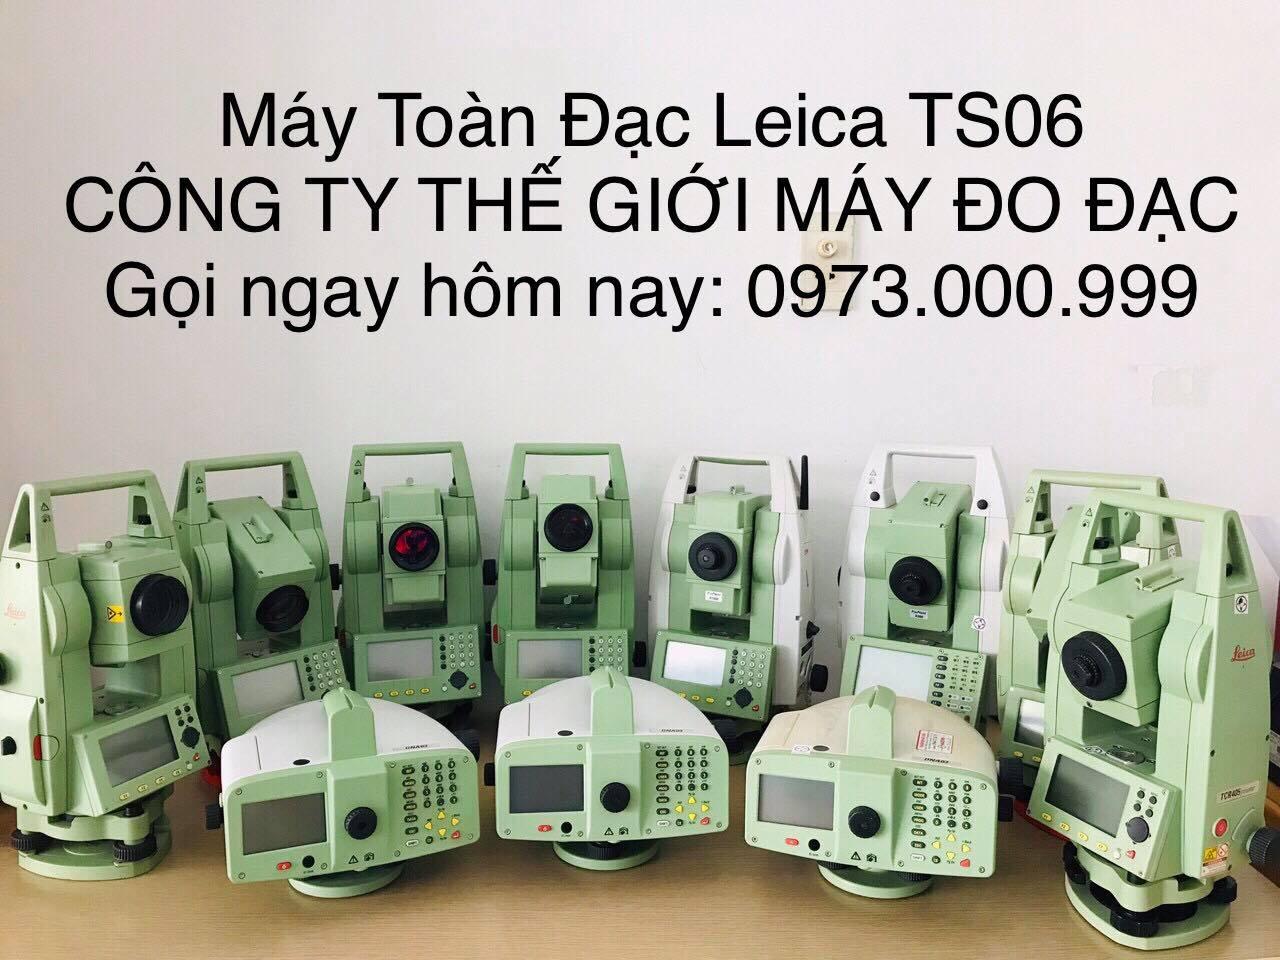 máy toàn đạc điện tử leica ts06Plus